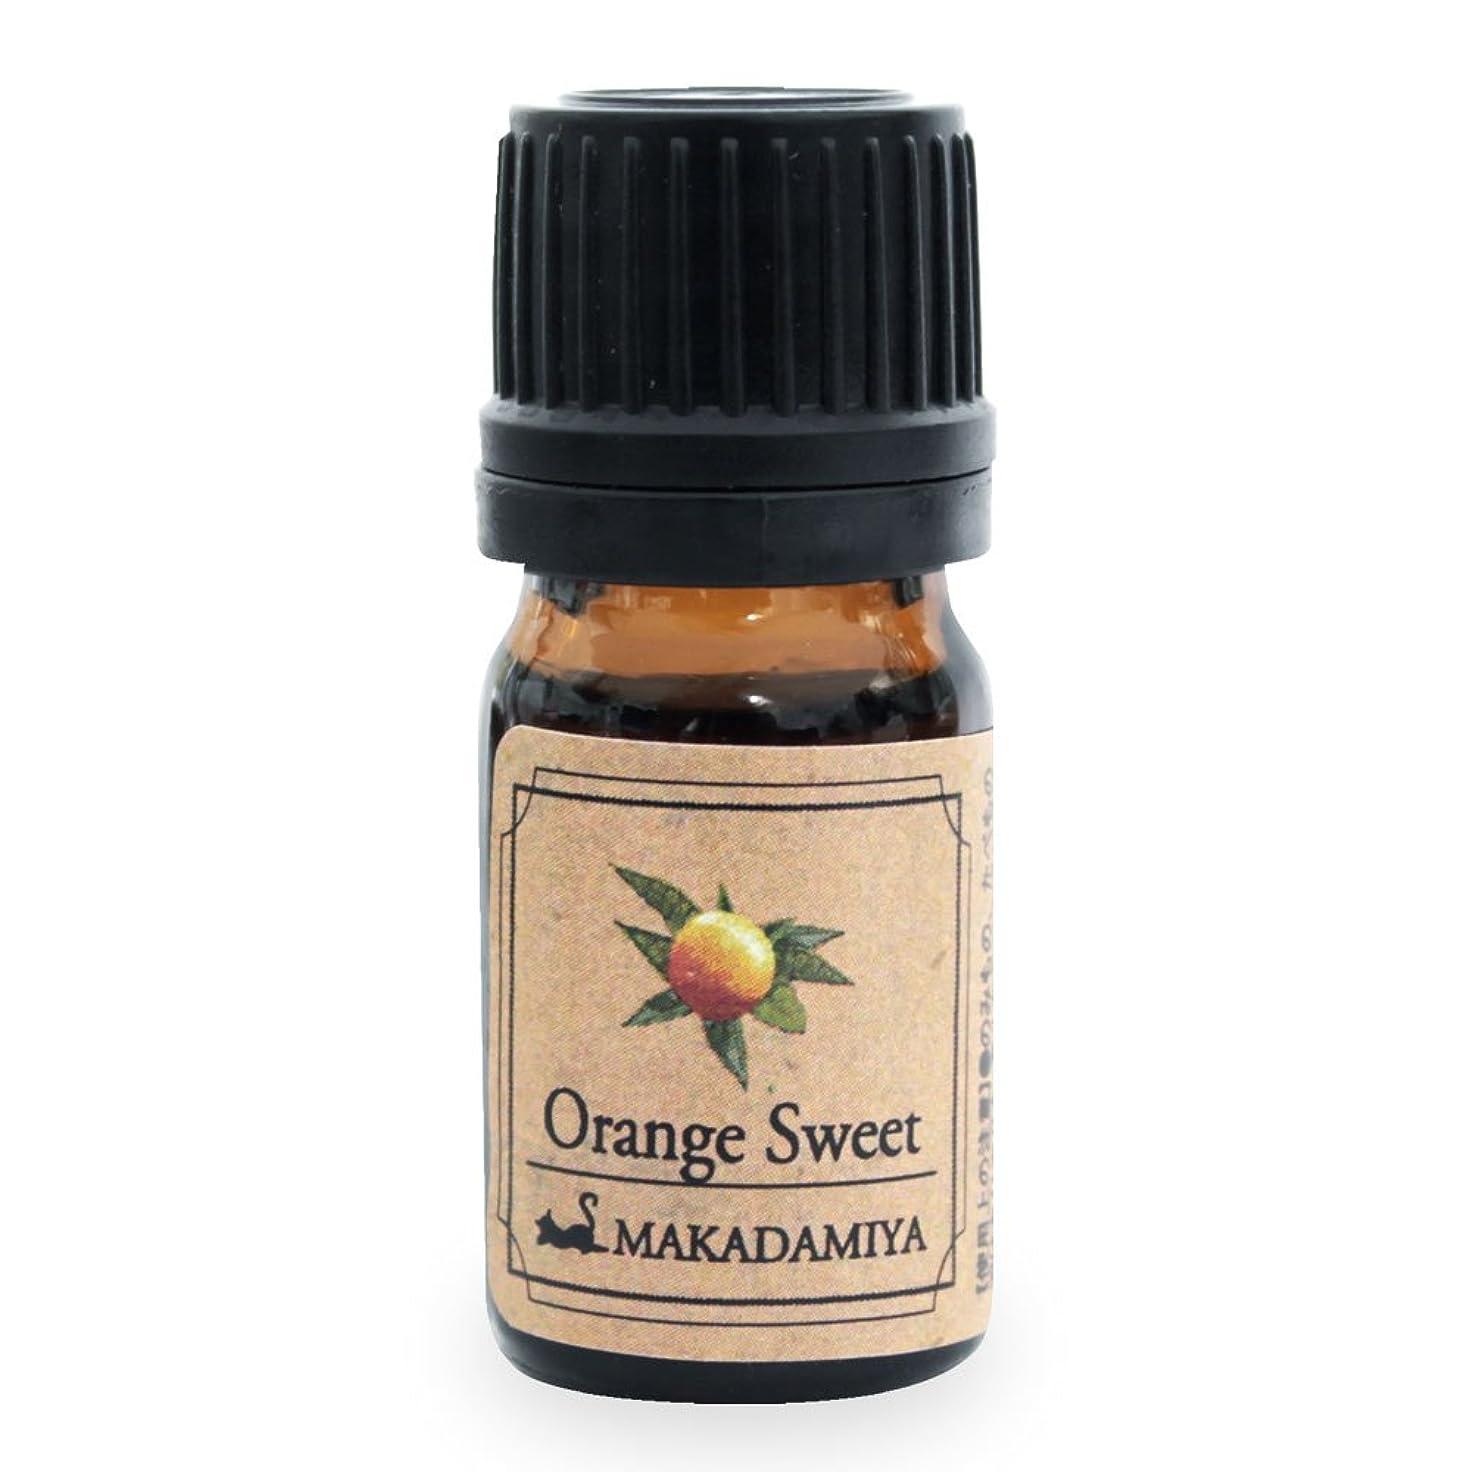 展望台ルネッサンス逆さまにオレンジ?スイート5ml 天然100%植物性 エッセンシャルオイル(精油) アロマオイル アロママッサージ aroma Orange Sweet